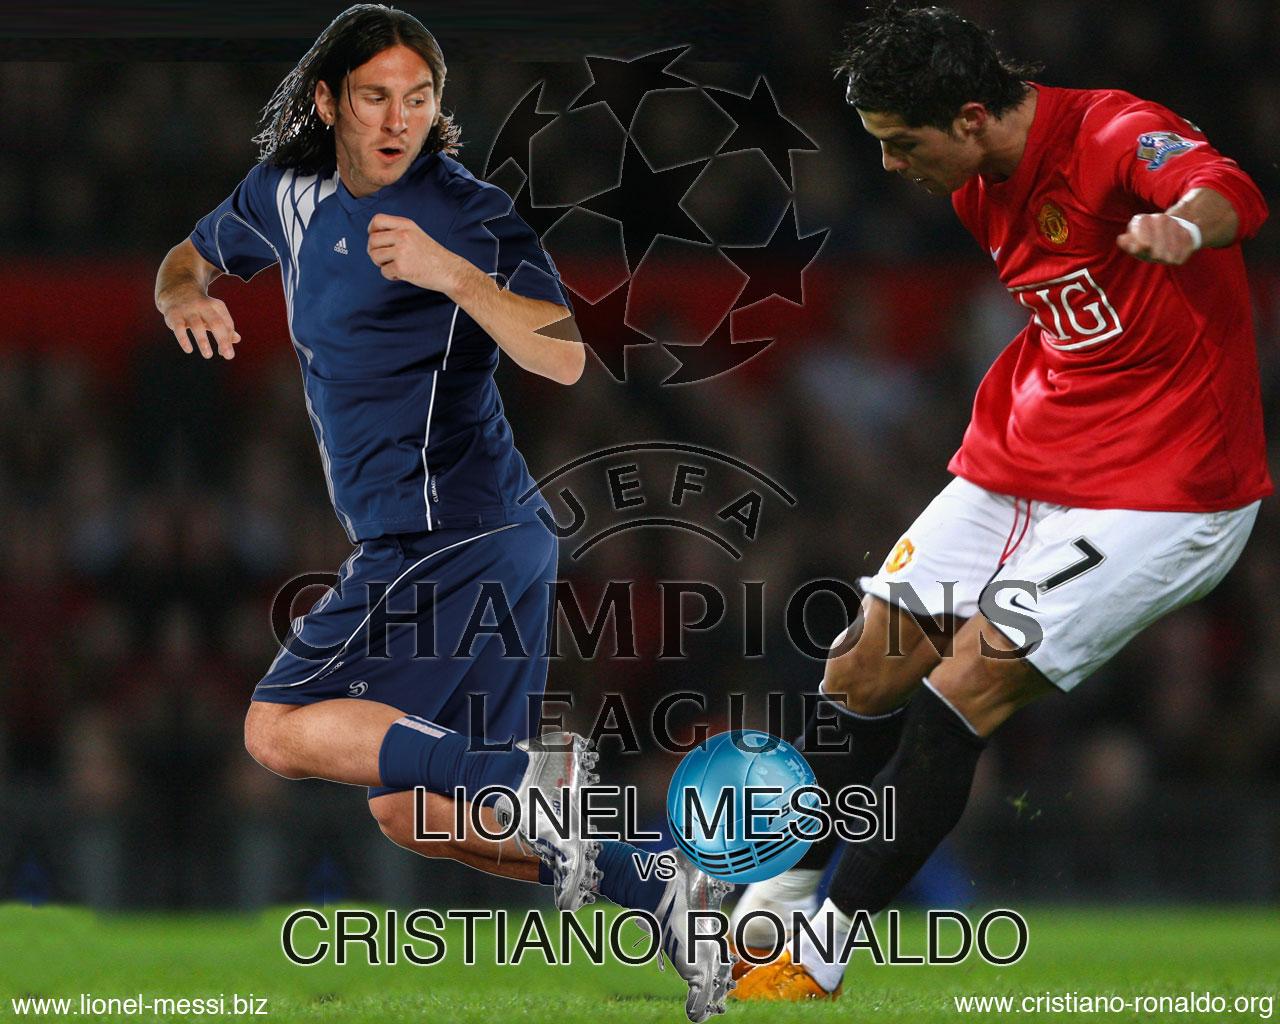 Lionel Messi vs Cristiano Ronaldo Essay Sample